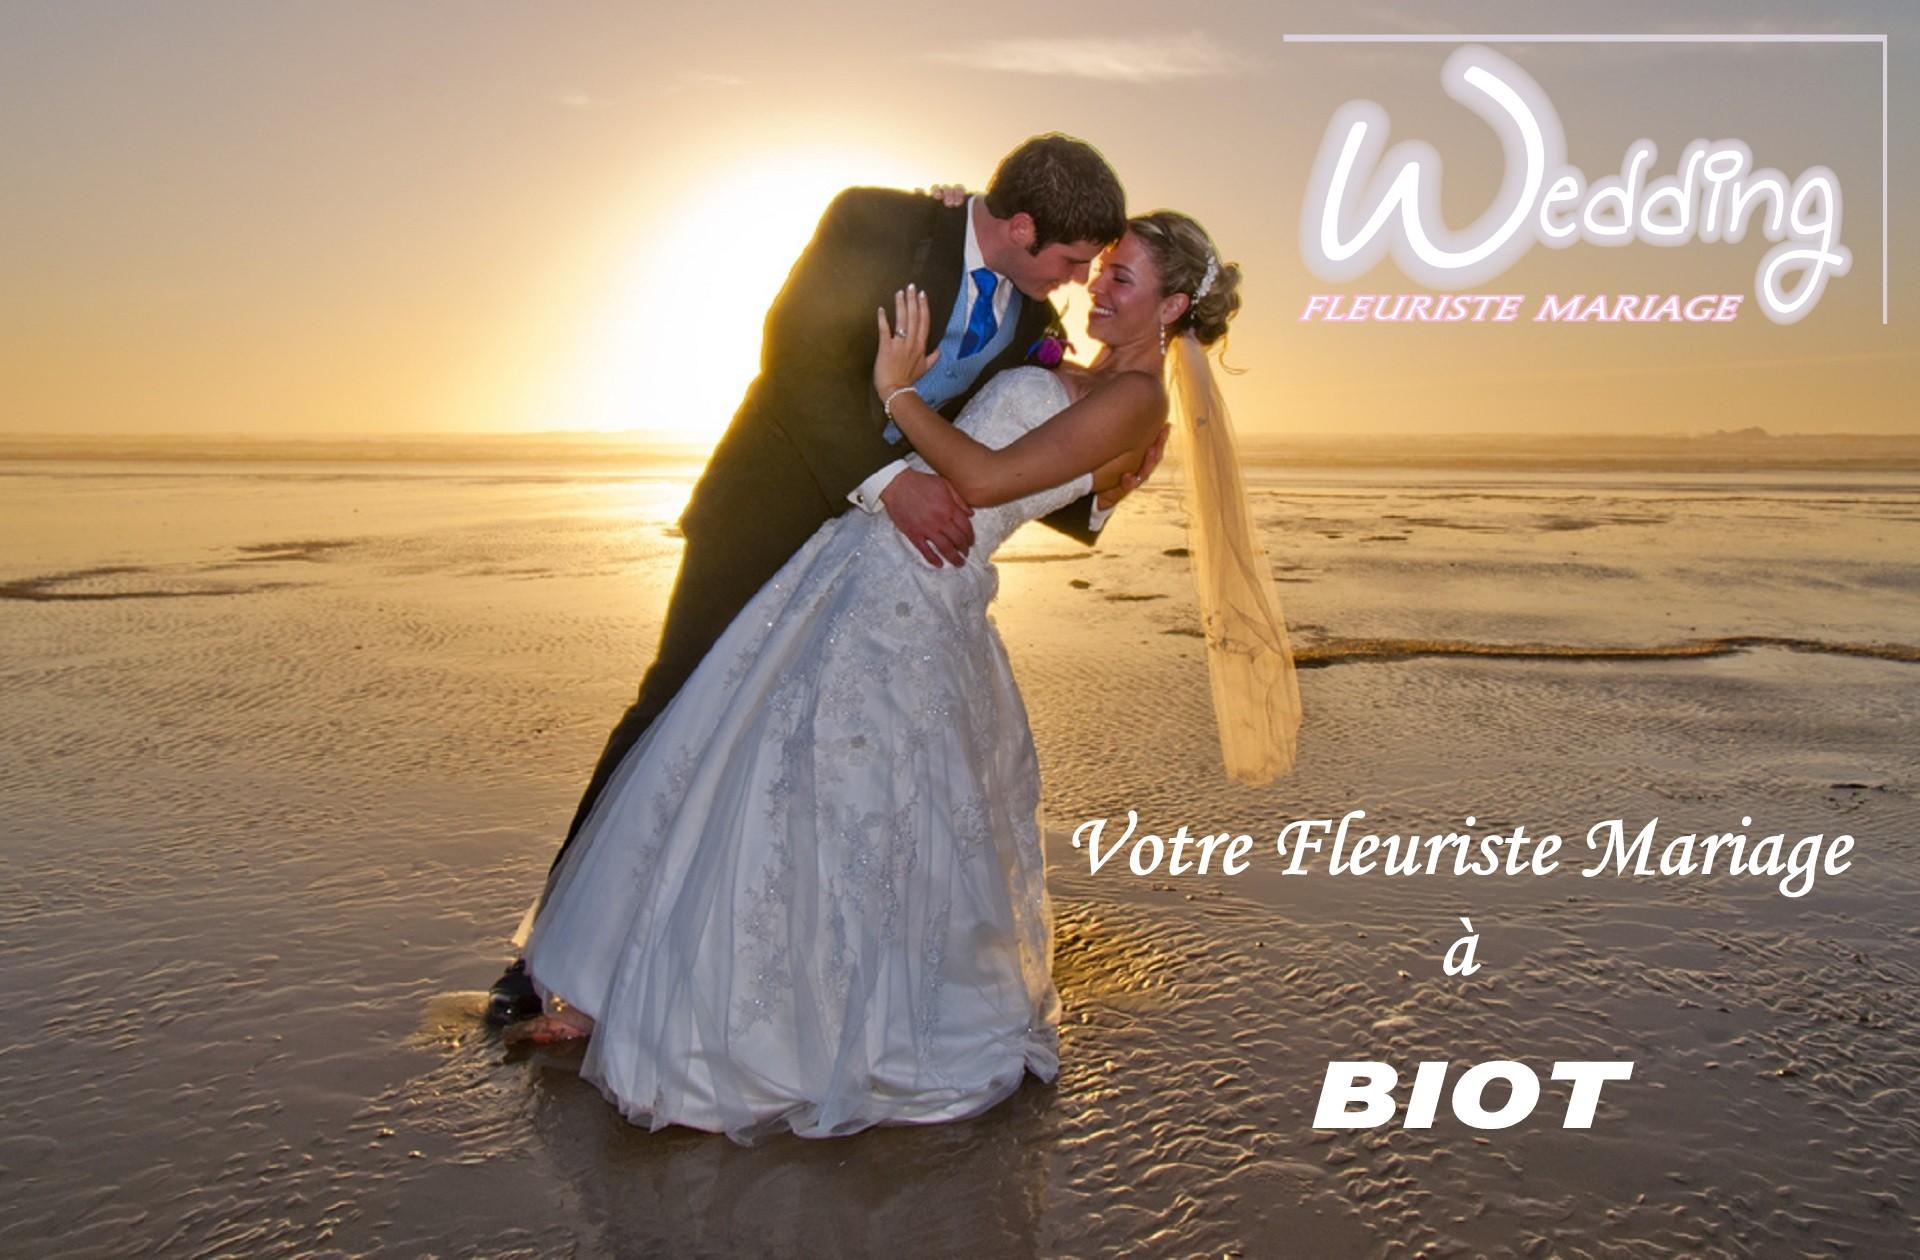 FLEURISTE MARIAGE BIOT - WEDDING PLANNER BIOT - TRAITEUR BIOT